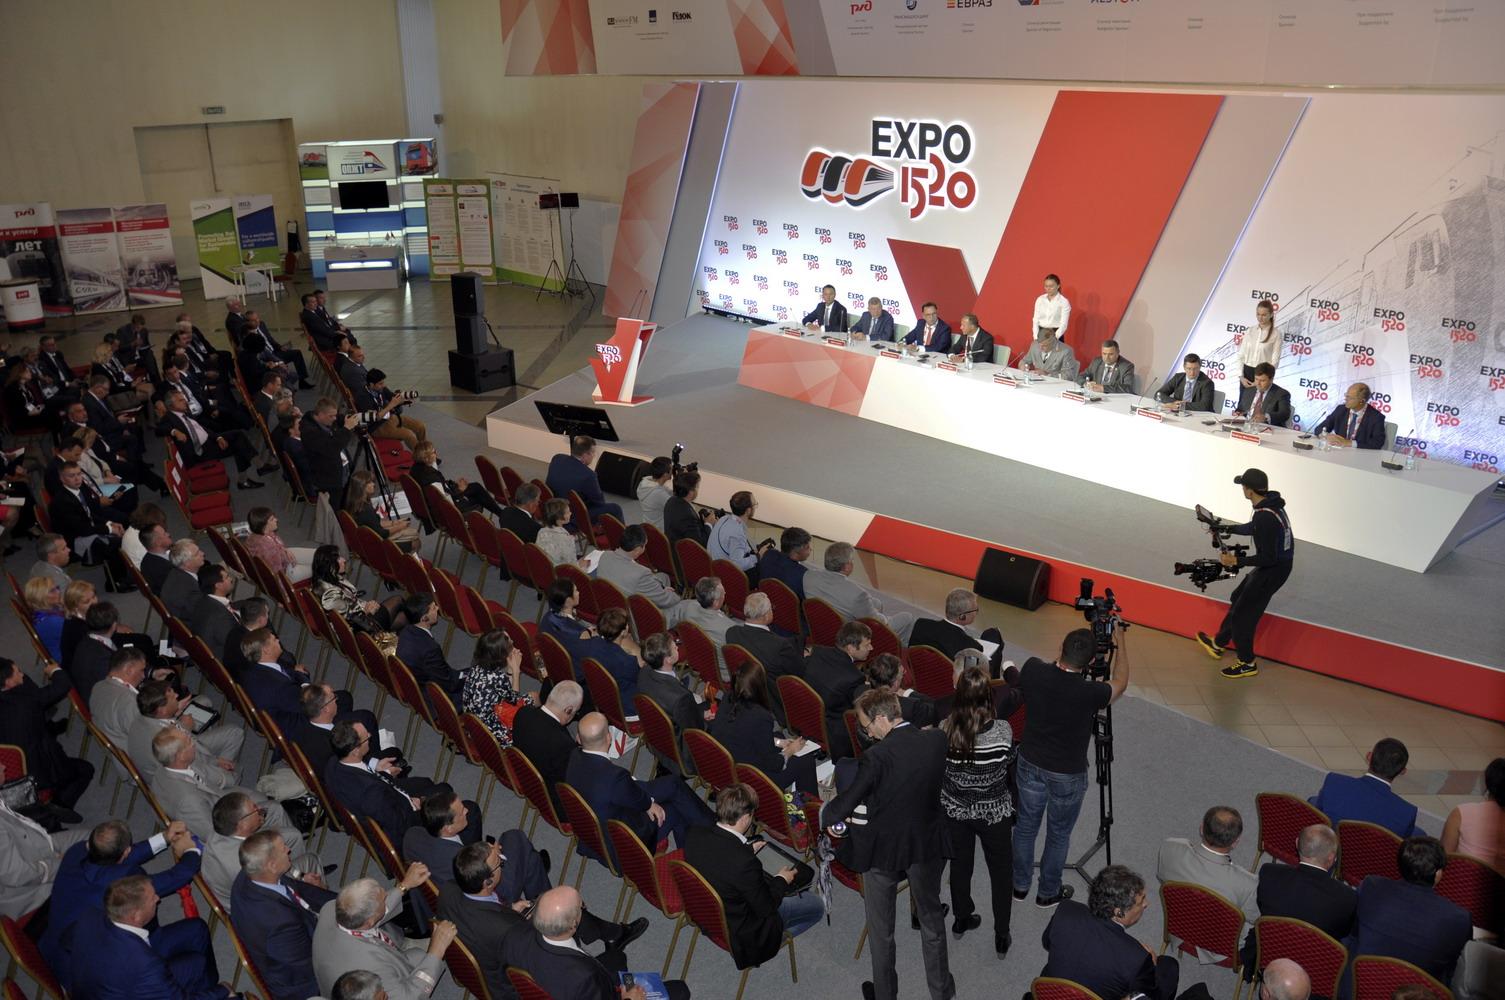 V Юбилейный международный железнодорожный салон техники и технологий EXPO 1520